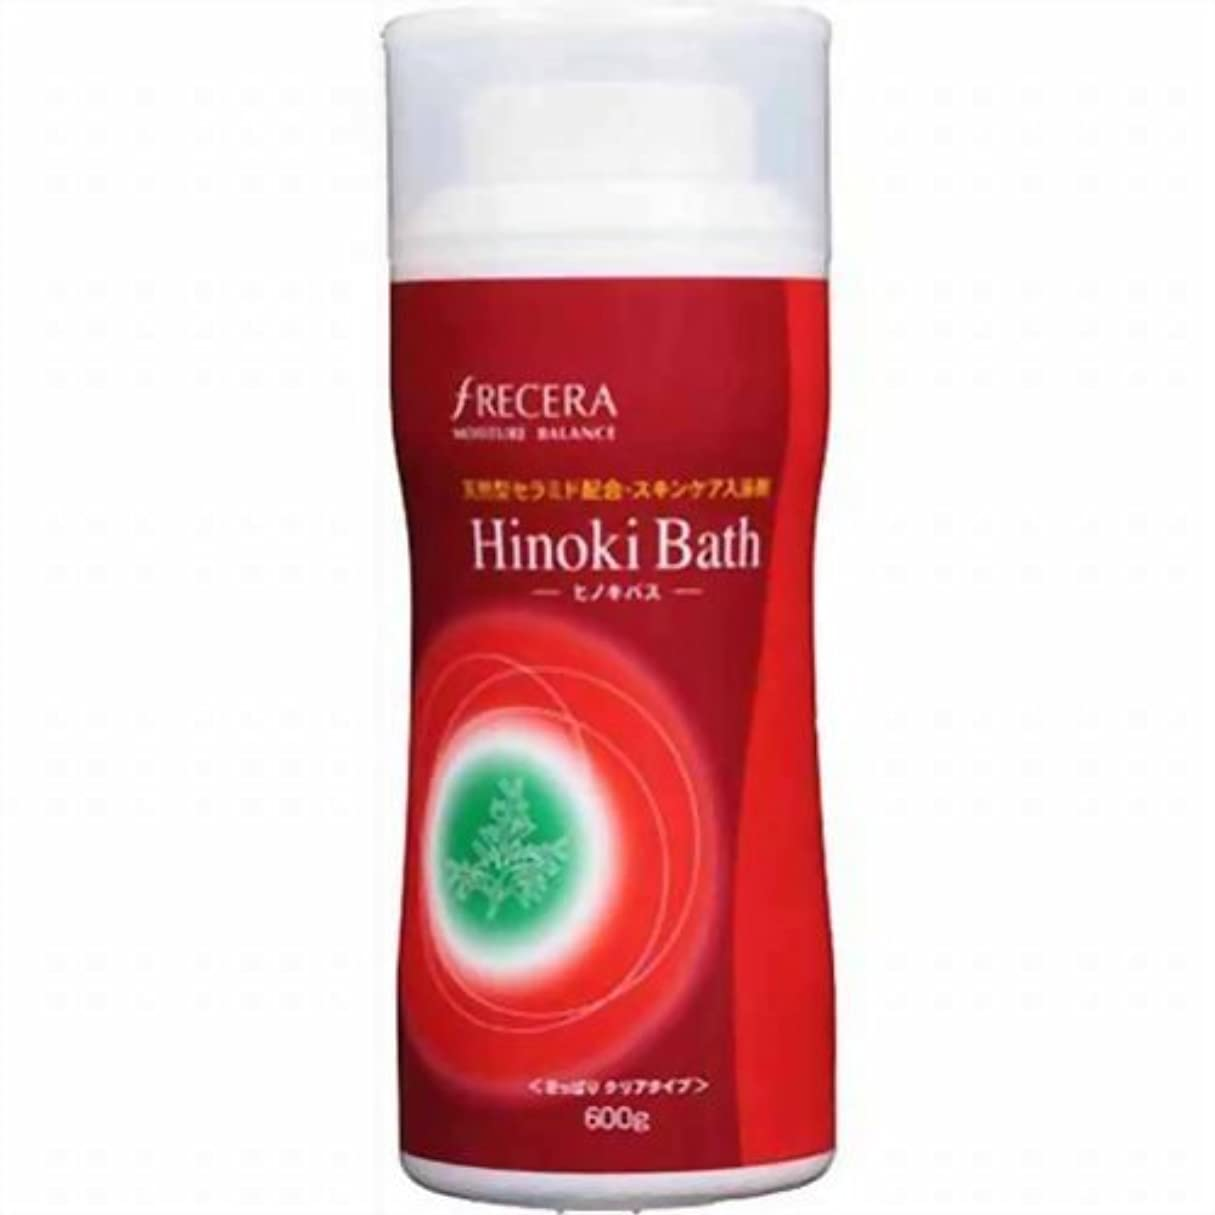 深い奇妙な幸運フレッセラ セラミド入浴剤 ヒノキバス 600g